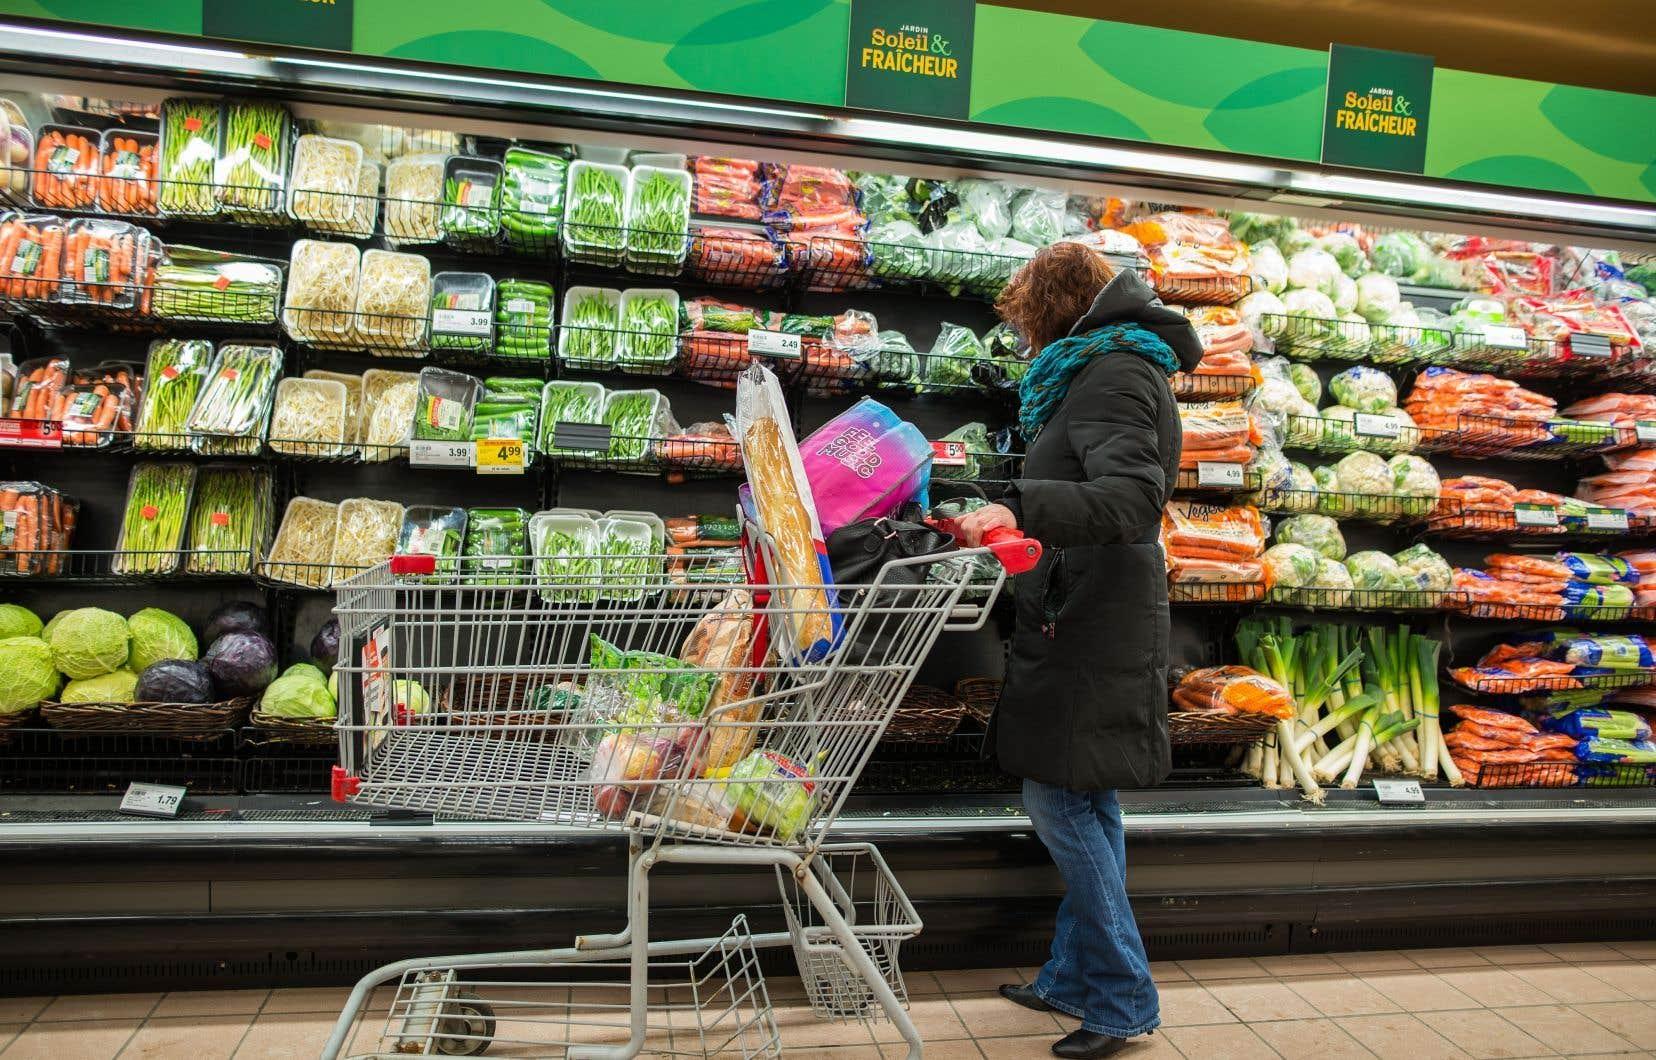 Les viandes et les légumes frais sont les deux grandes catégories qui font monter les prix,avec une augmentation pouvant atteindre 6,5%.